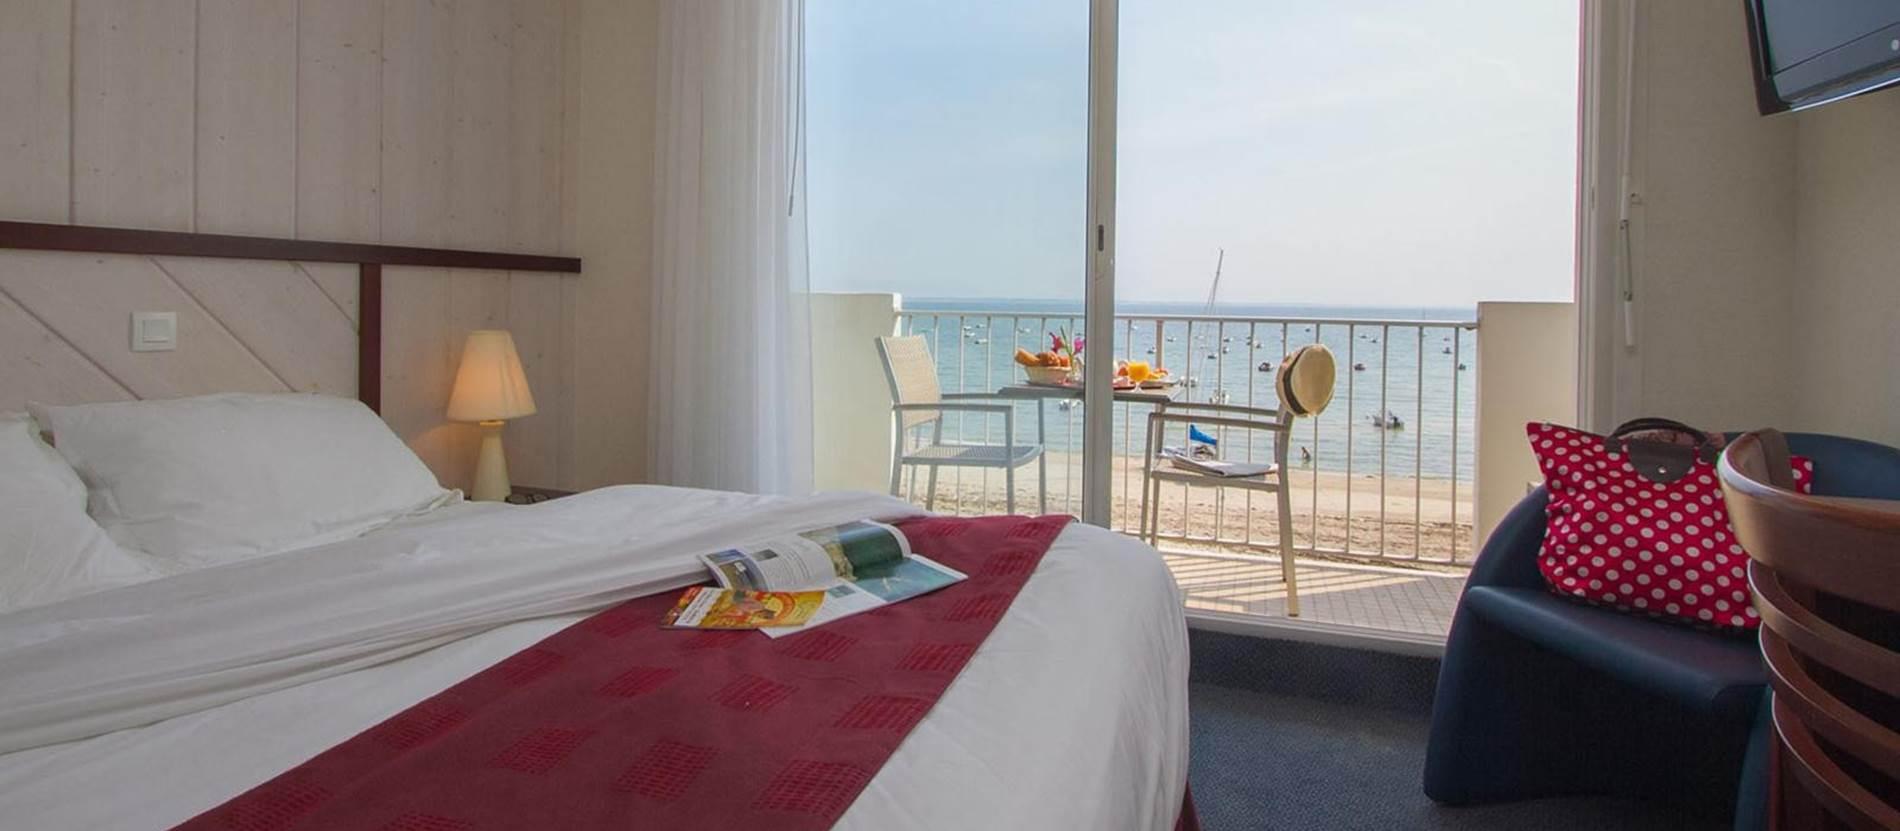 Hotel-de-la-Plage-St-Pierre-Quiberon-Morbihan-Bretagne-Sud © Hotel-de-la-Plage-St-Pierre-Quiberon